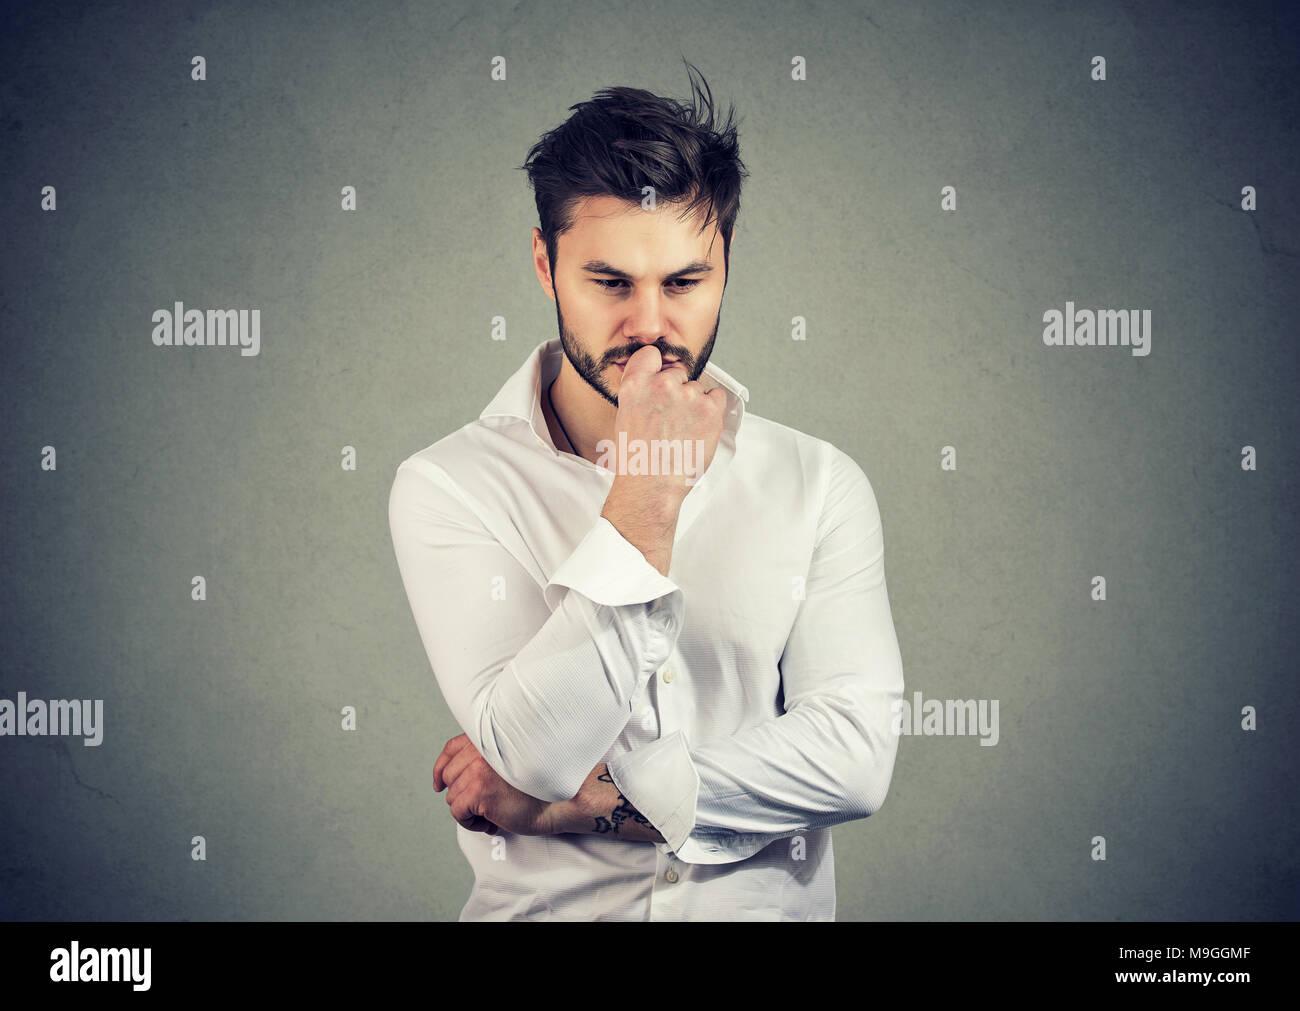 Grave joven hombre que toca los labios y mirando preocupado mientras resuelve gran pregunta en mente. Imagen De Stock